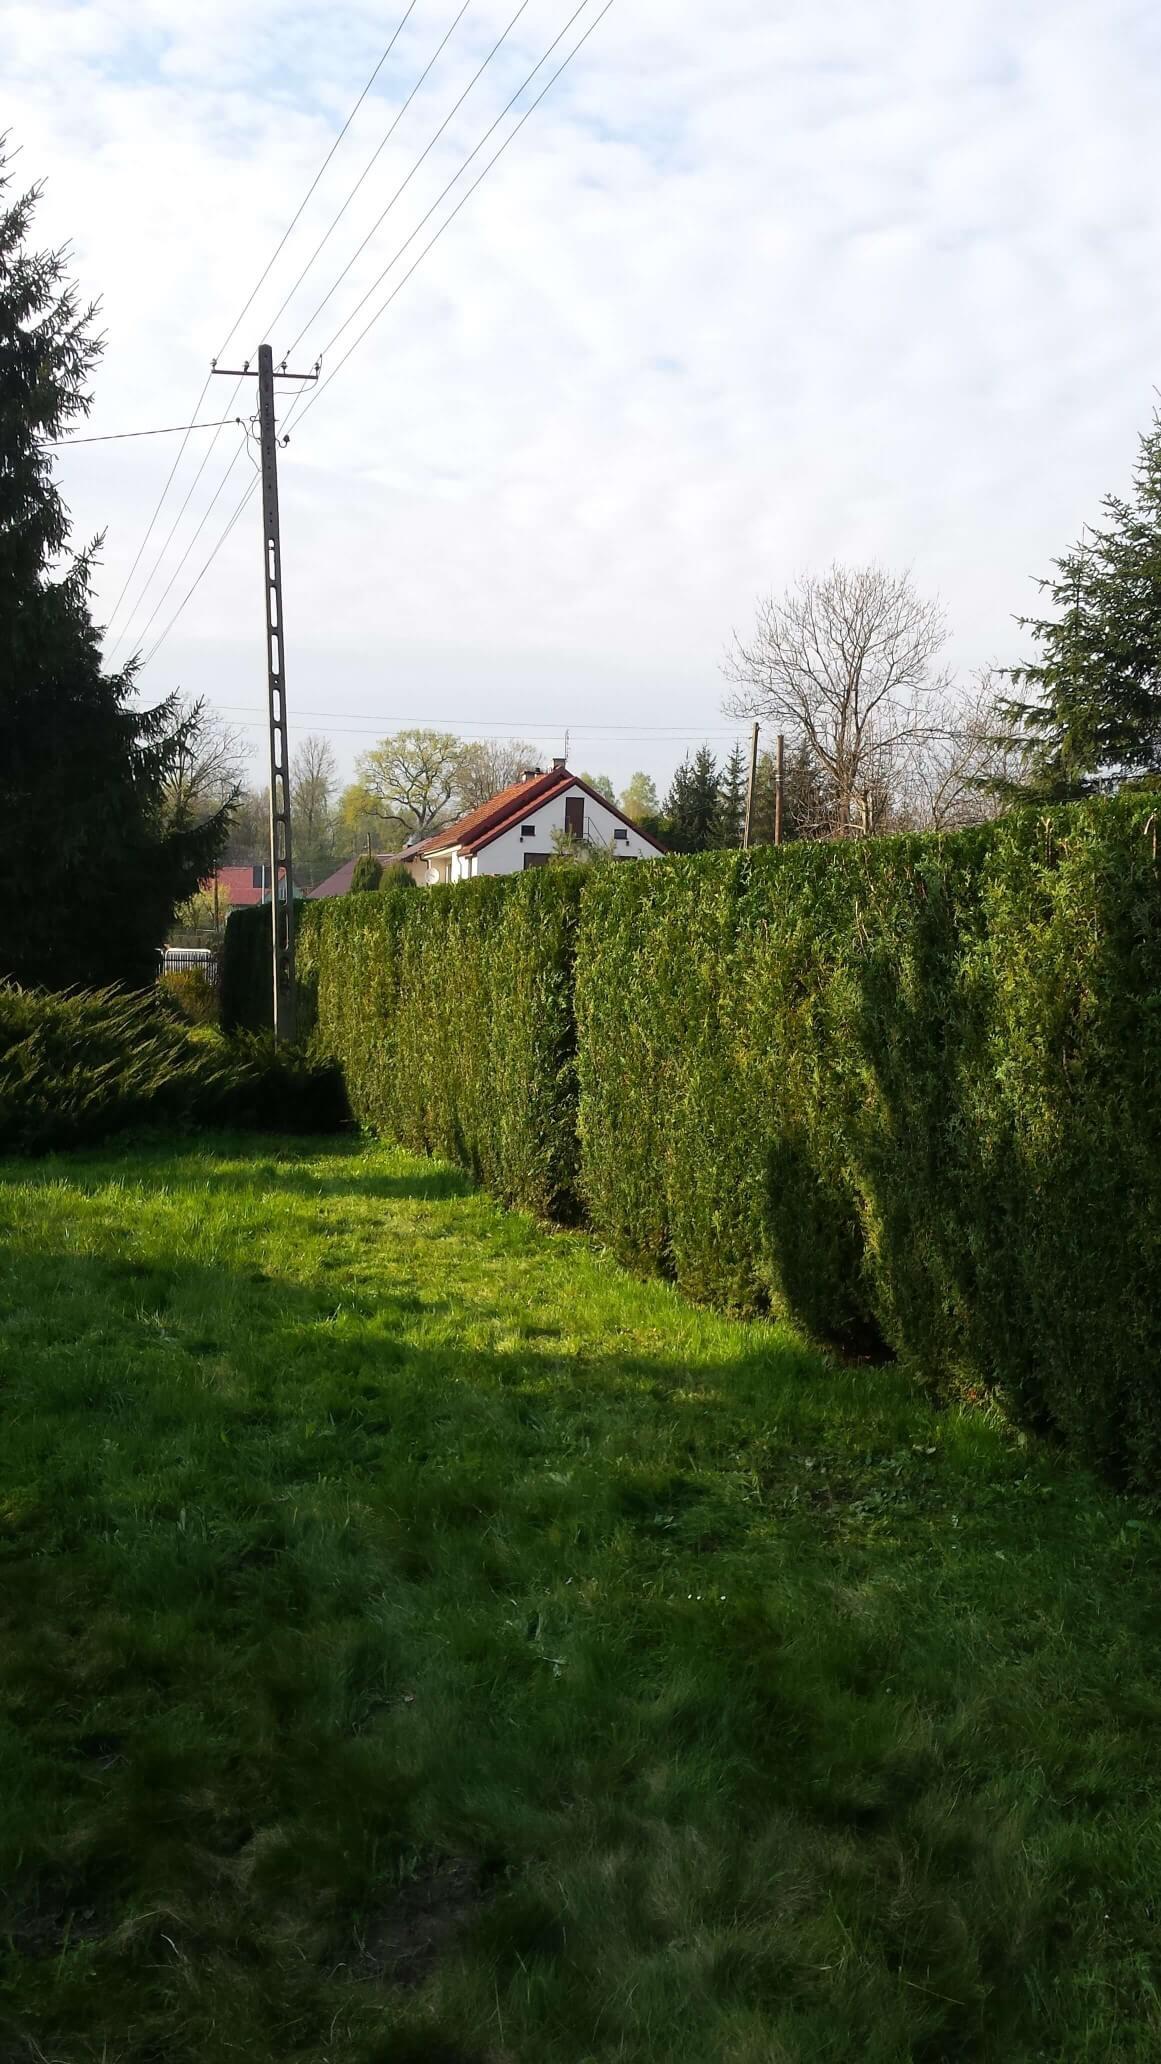 Utrzymania terenów zielonych i ogrodów Kraków